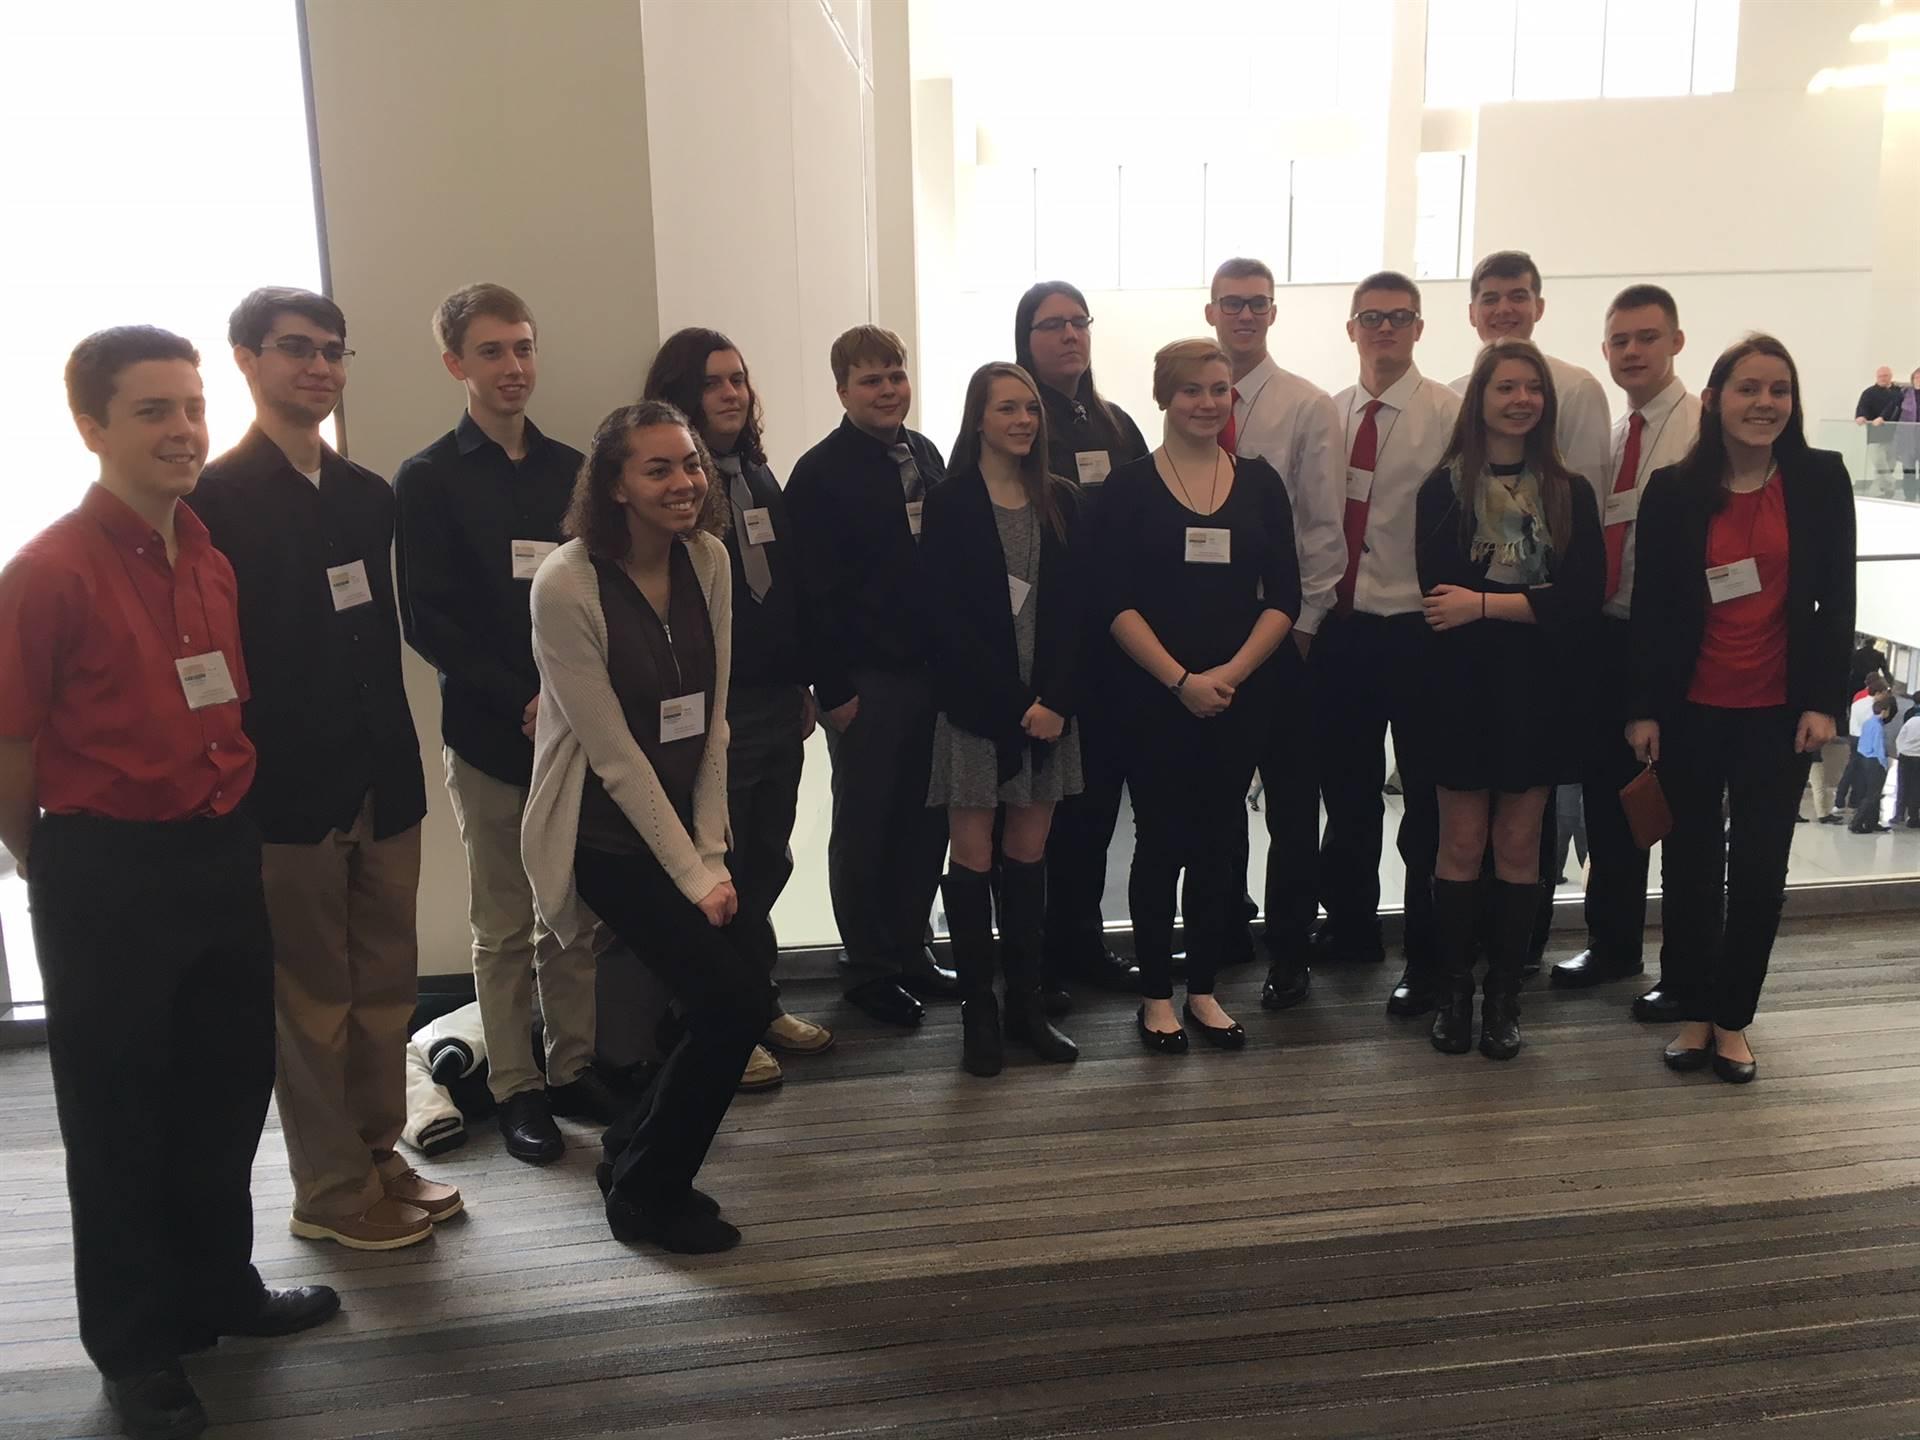 2018 State BPA competitors pose in Columbus, Ohio